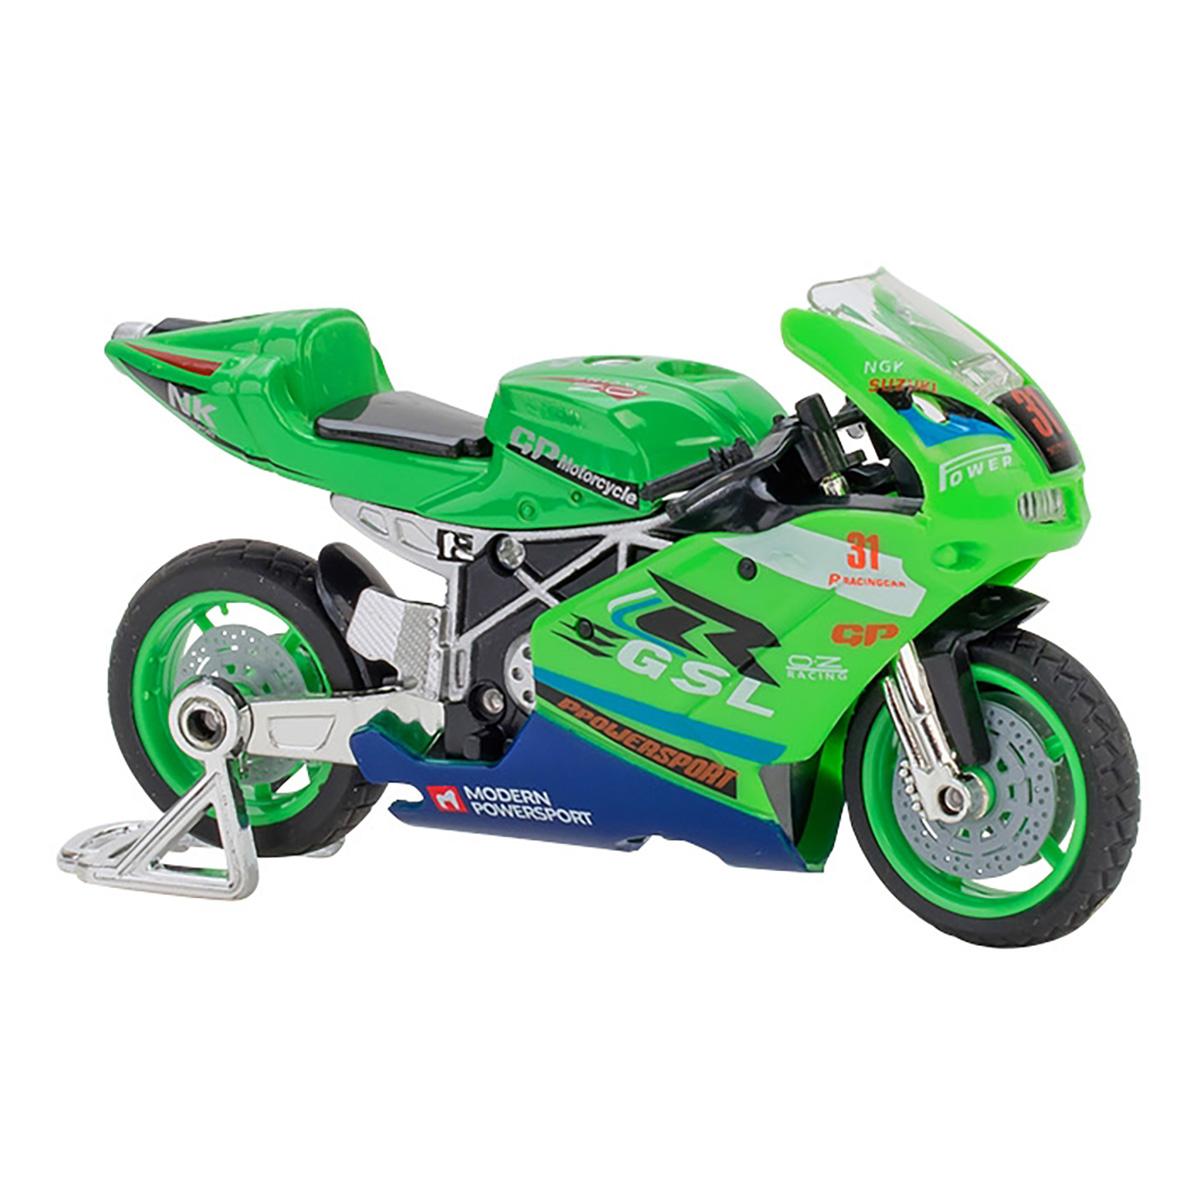 Motocicleta Globo Spidko, 1:18, Verde